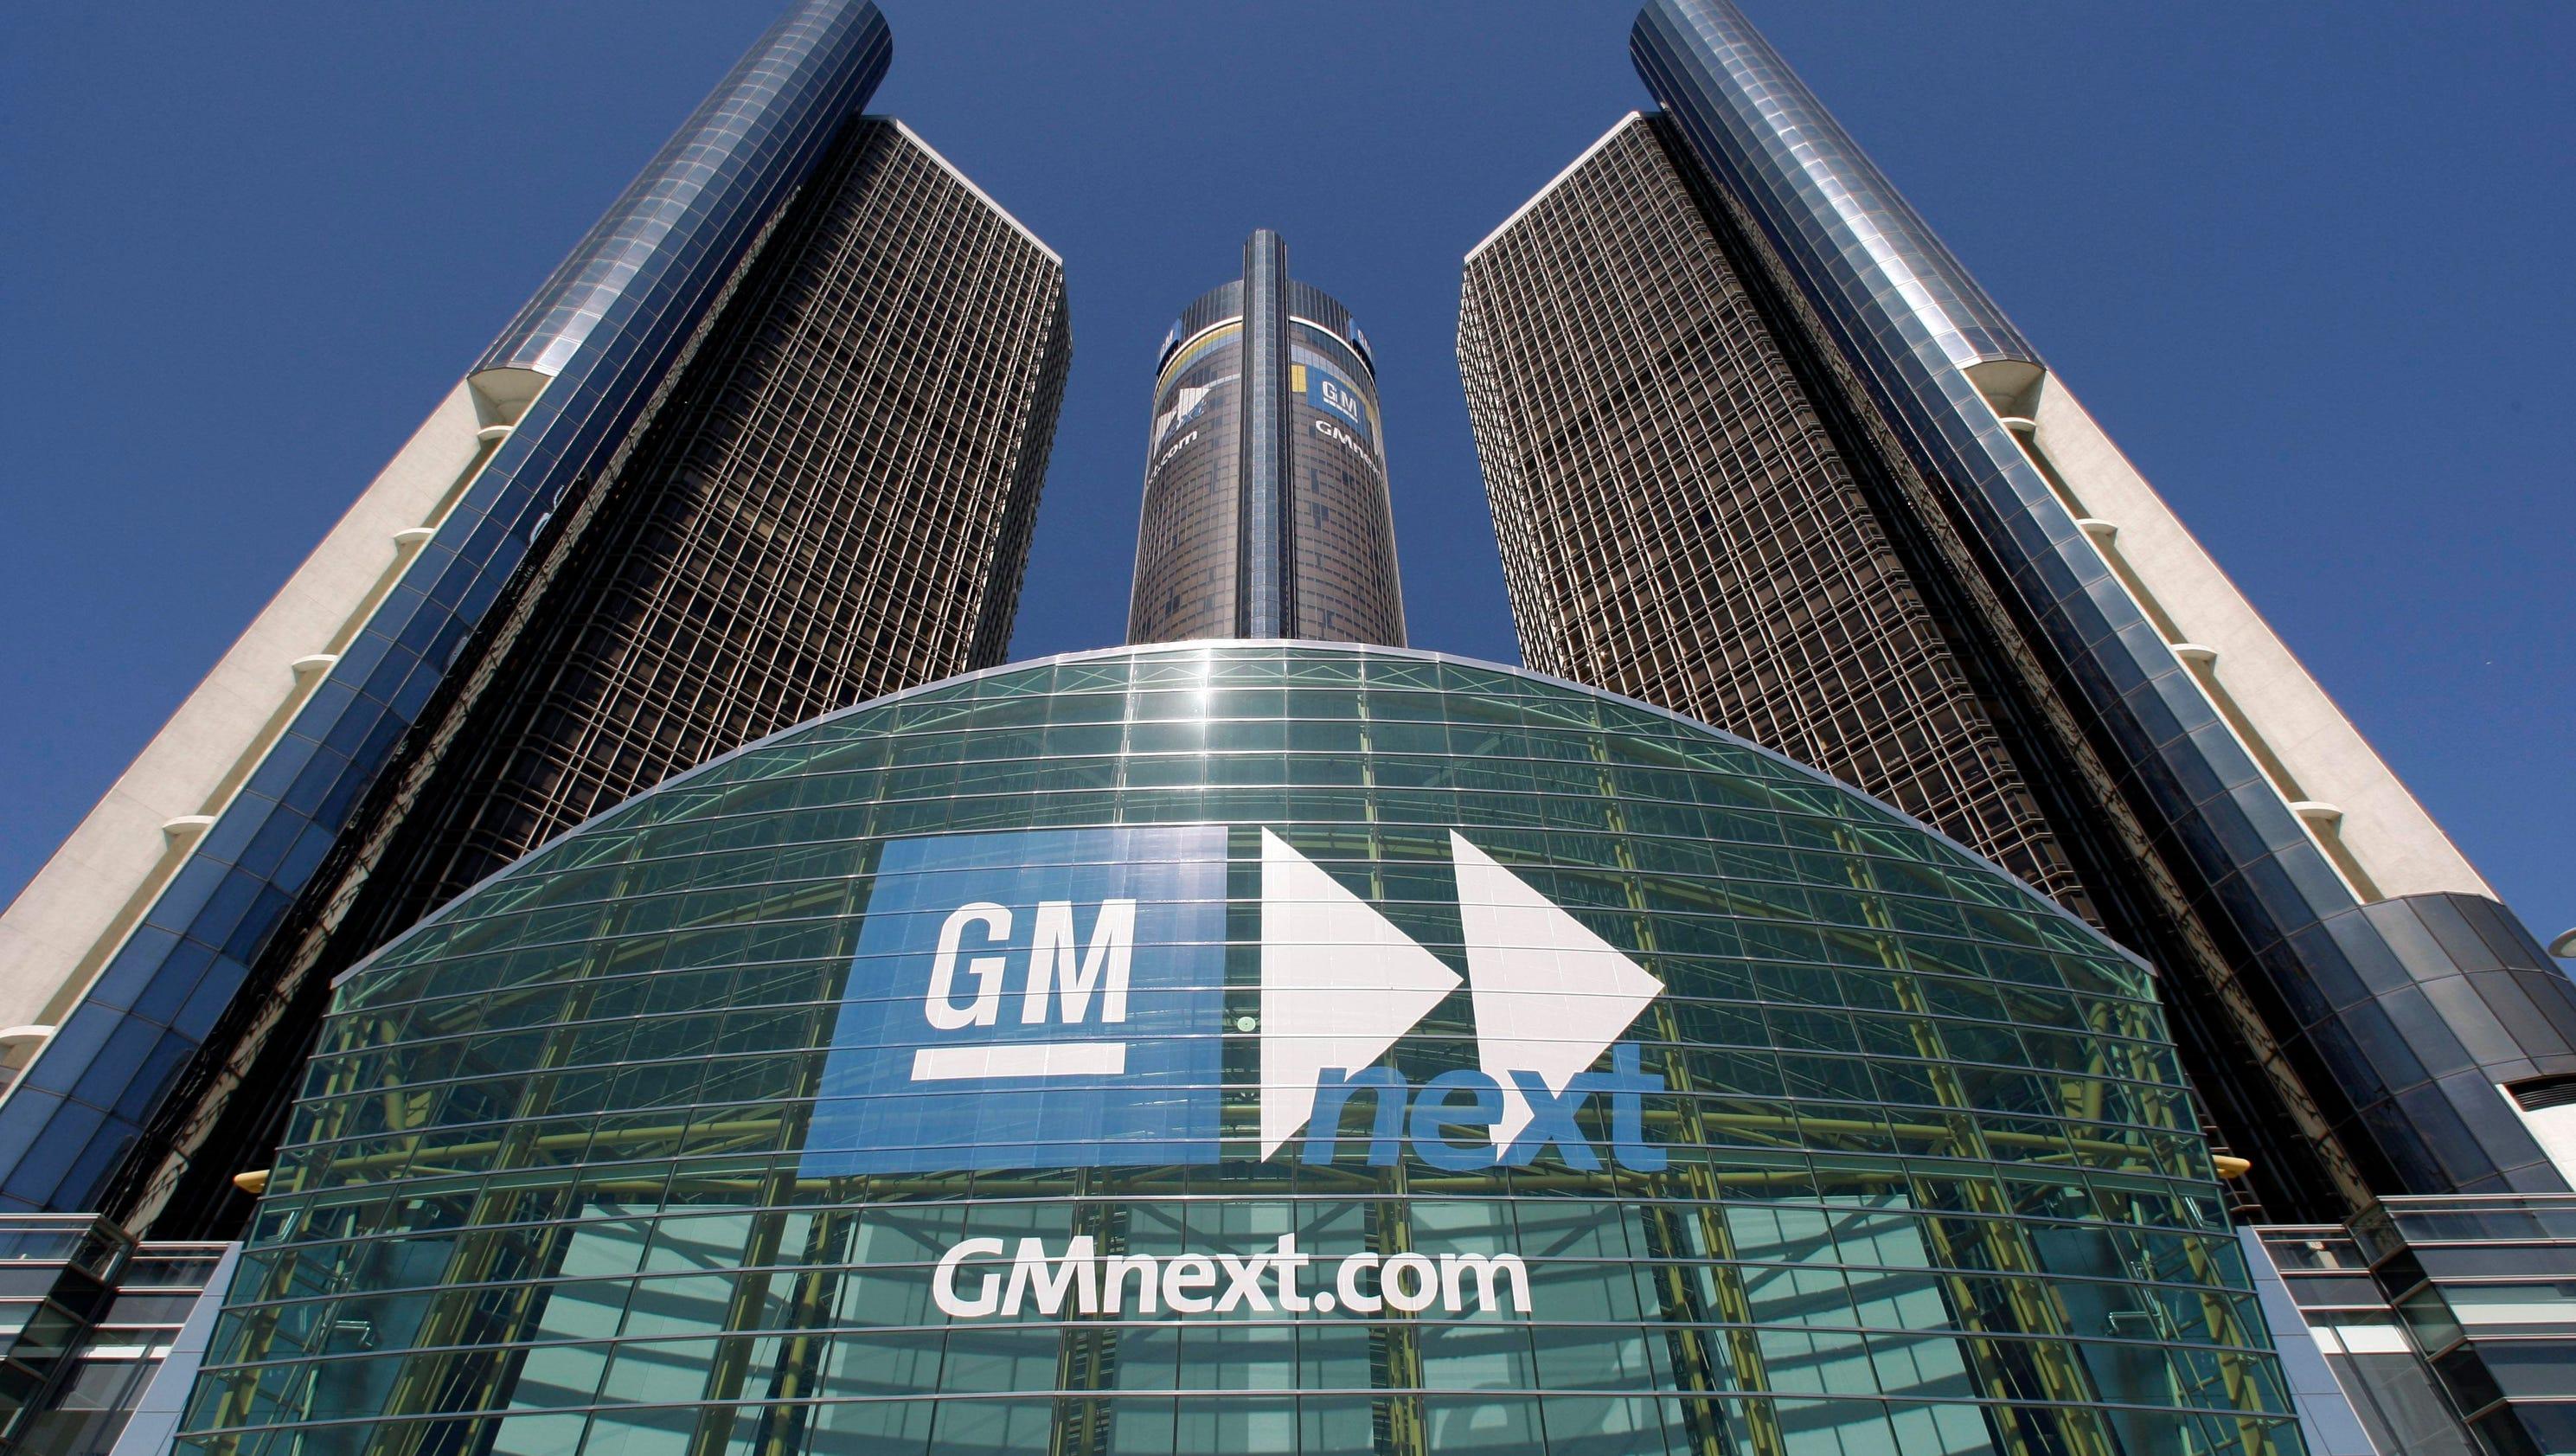 General Motors Buys Self